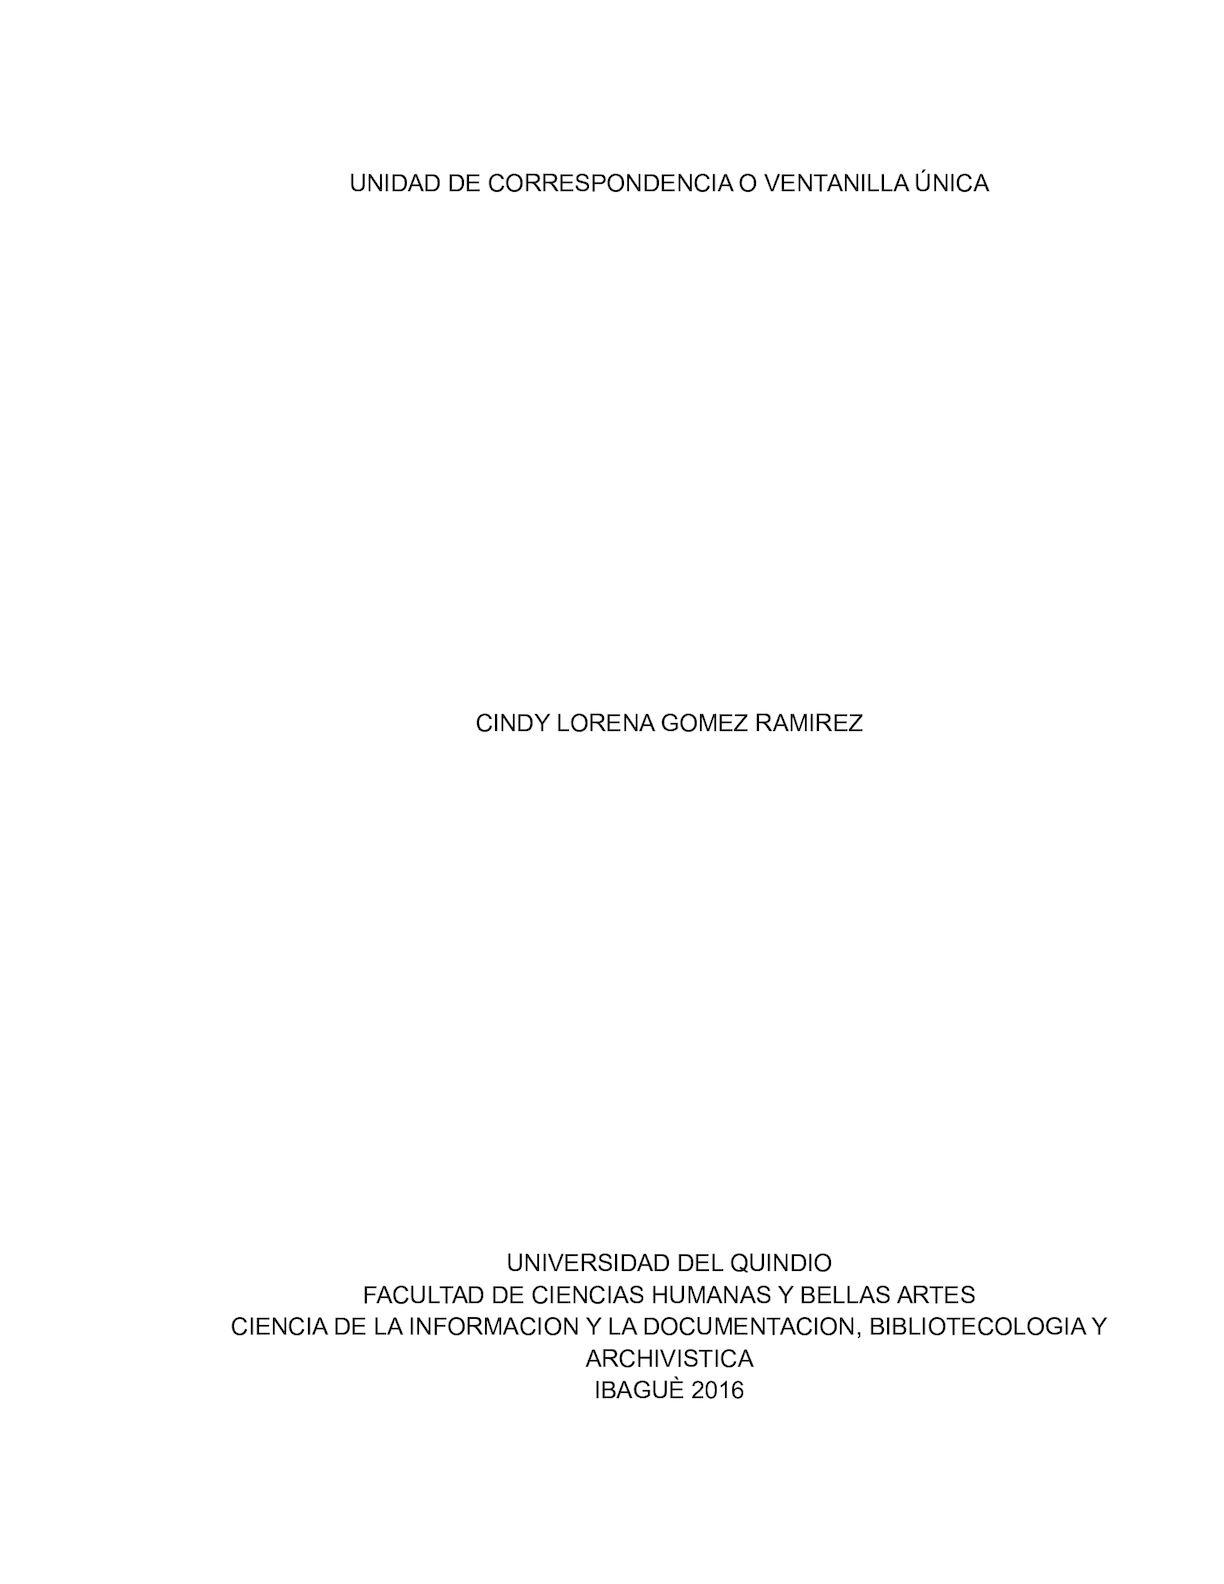 Manual Unidad Correspondencia